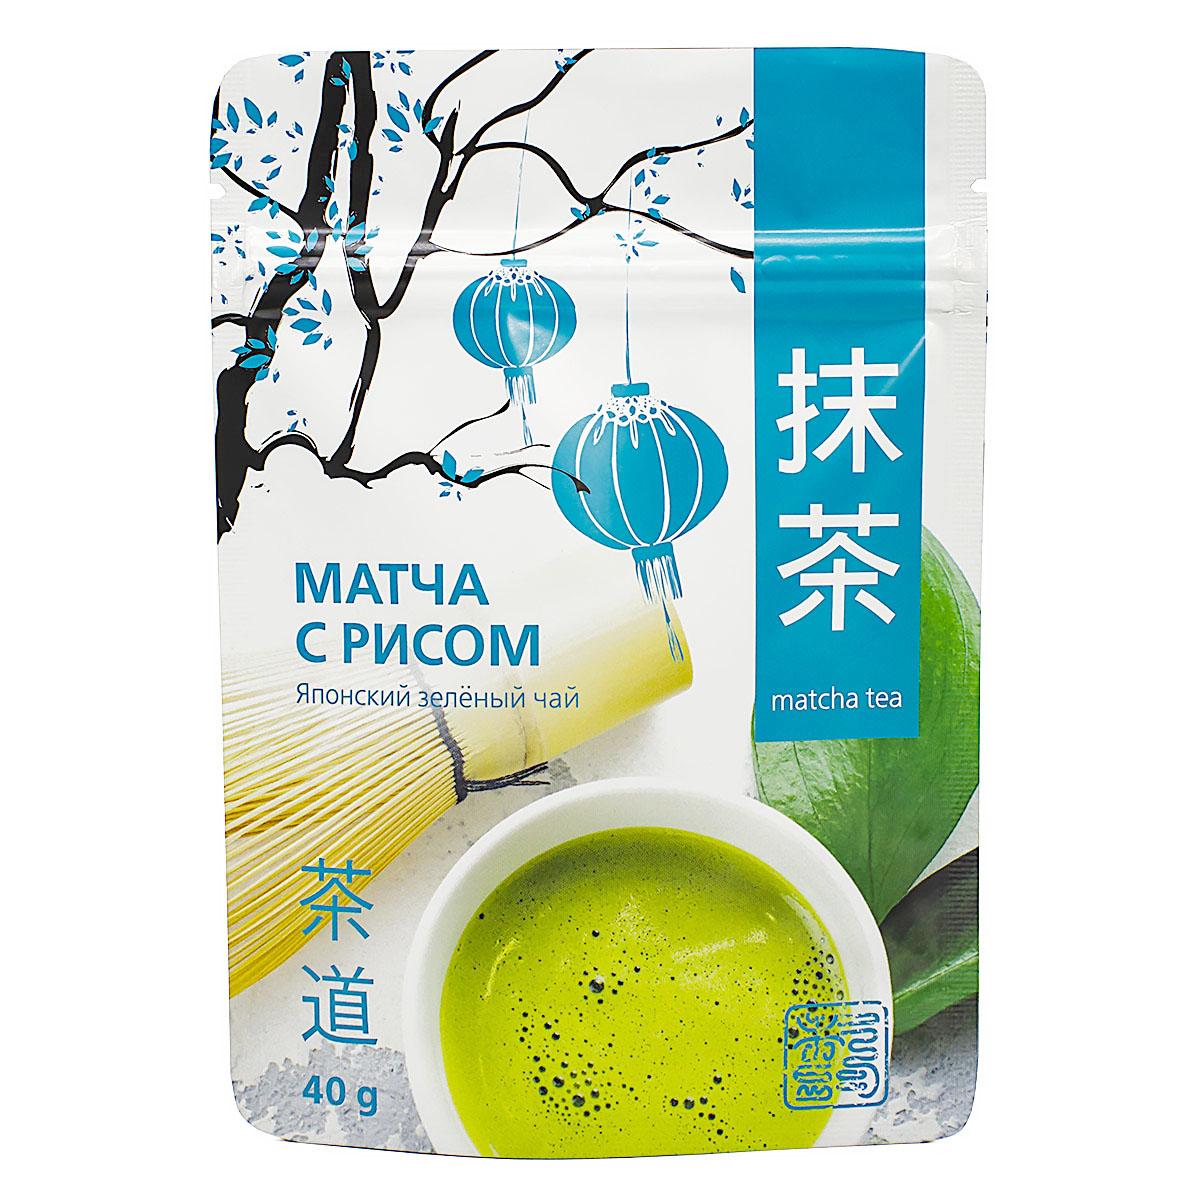 Чай зеленый Матча с коричневым рисом, 40 гр